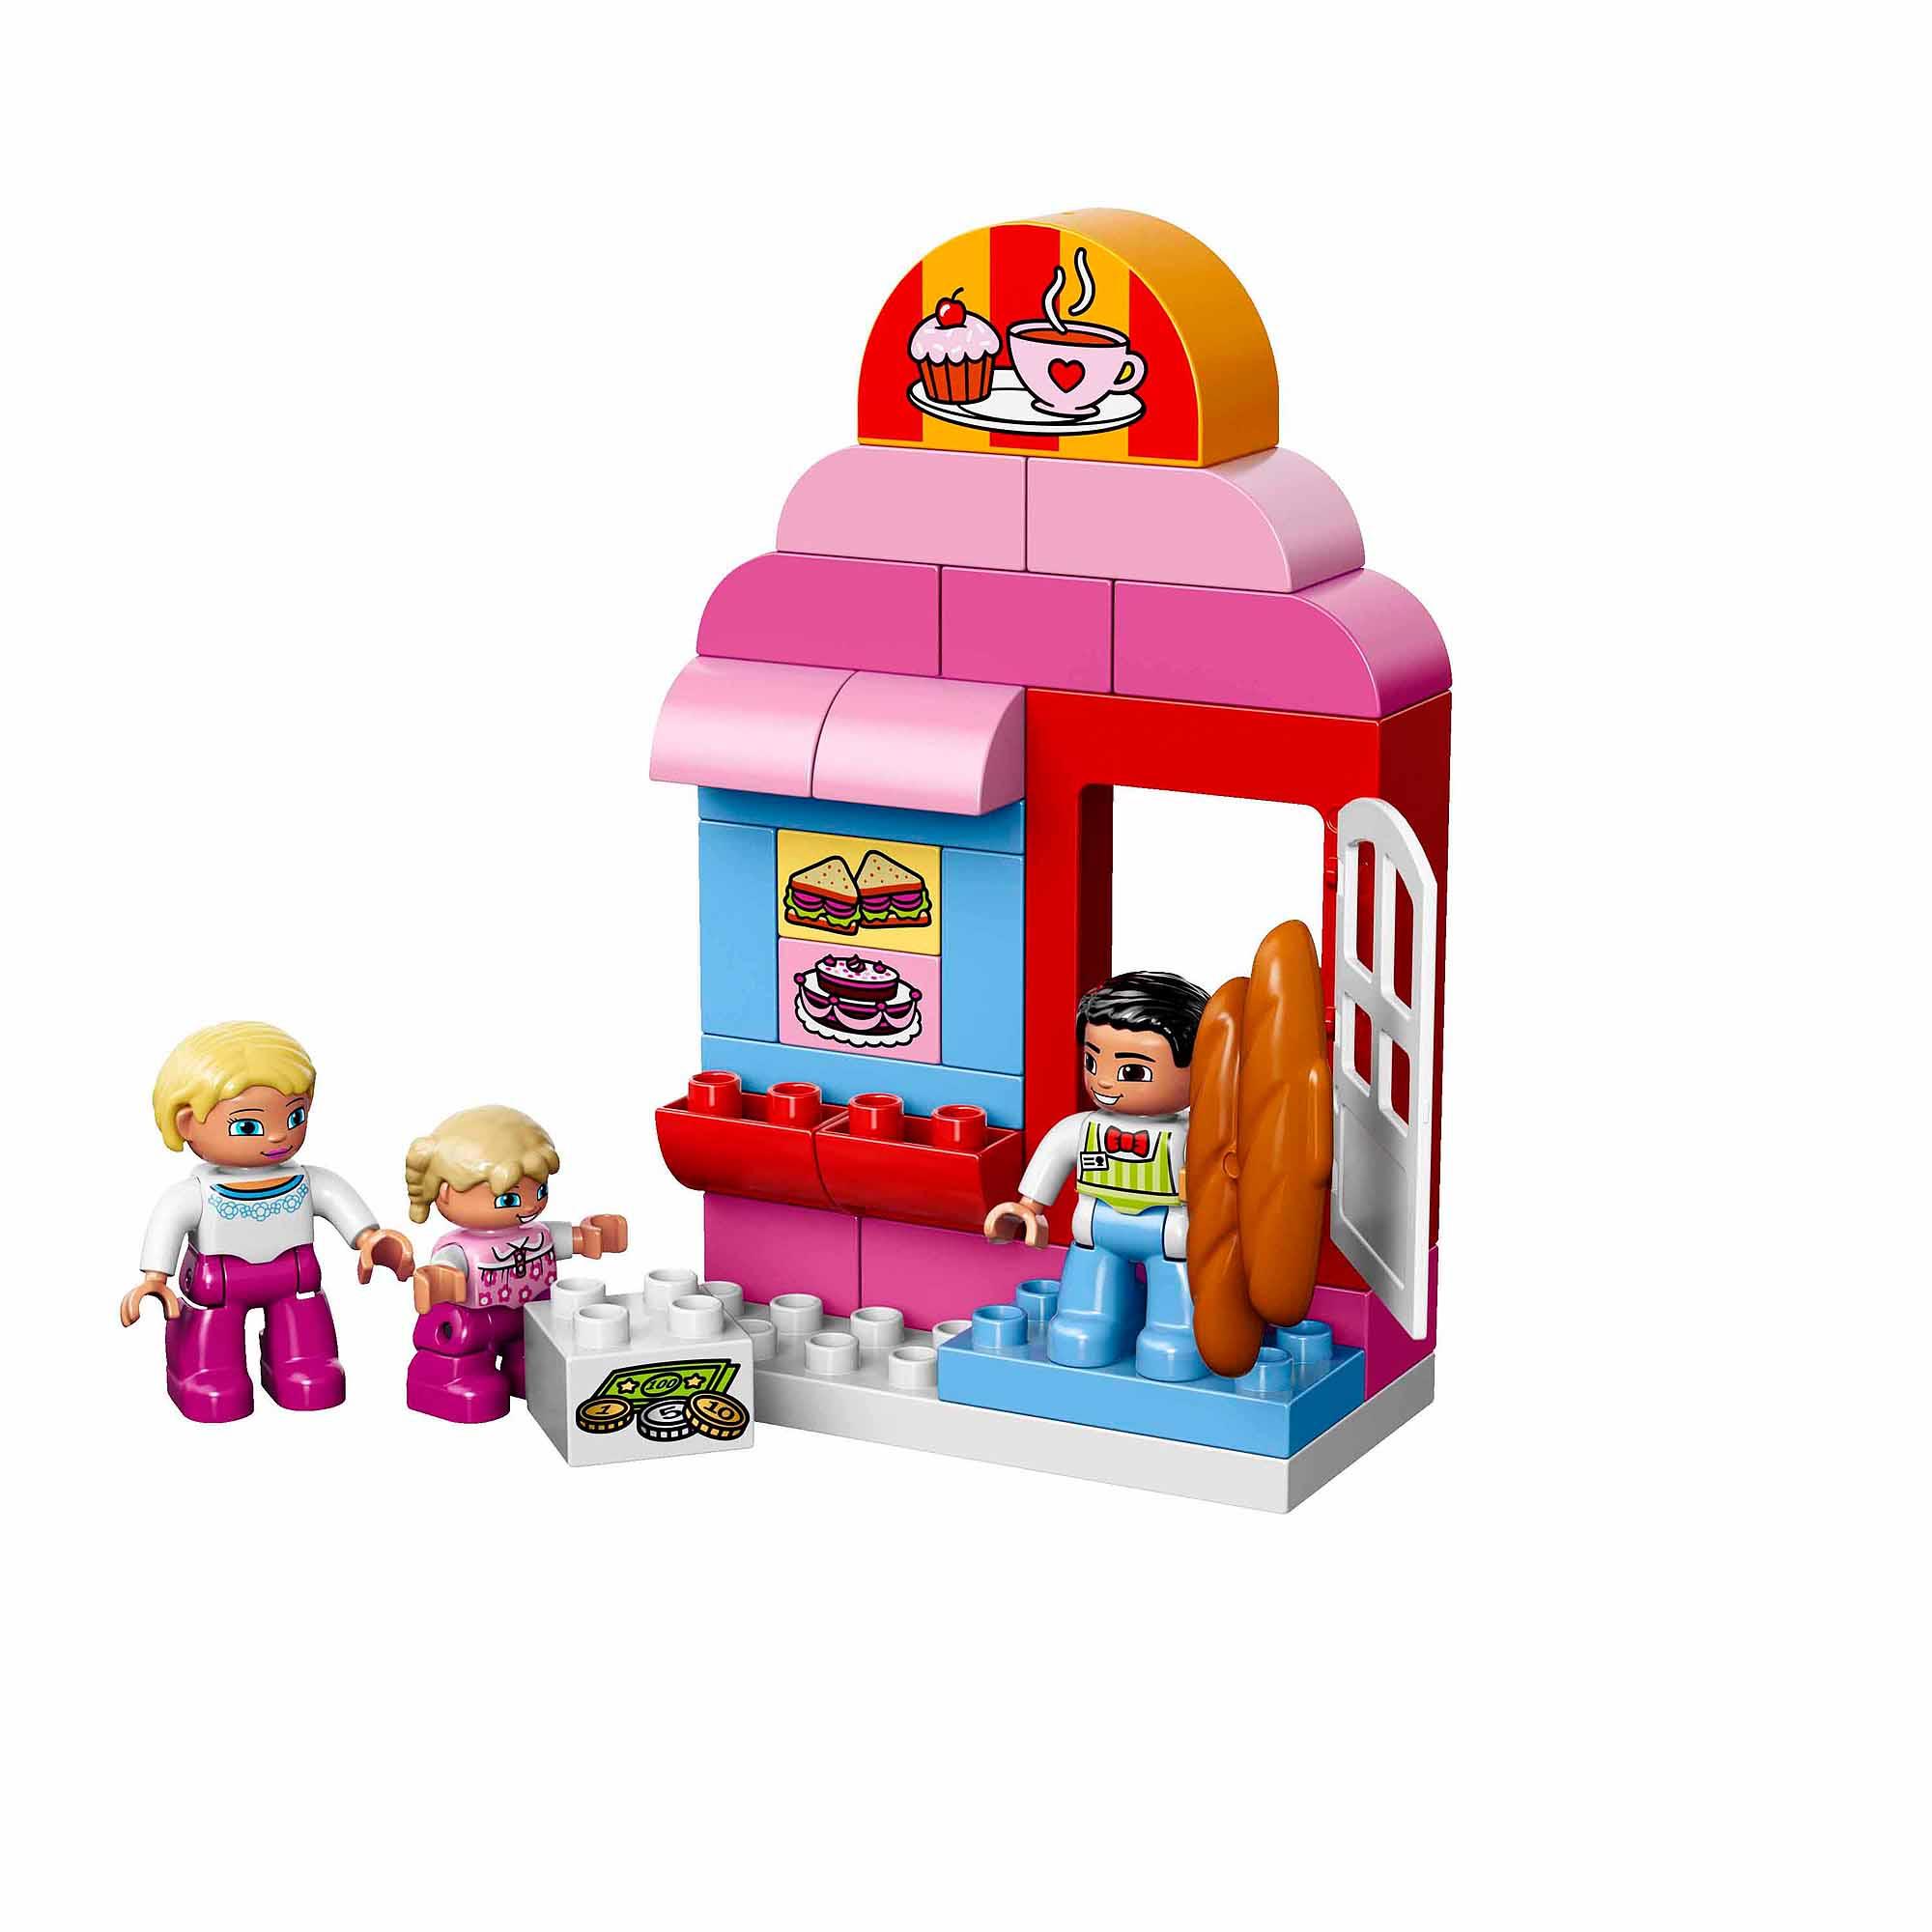 Lego Duplo Town Cafe Walmart